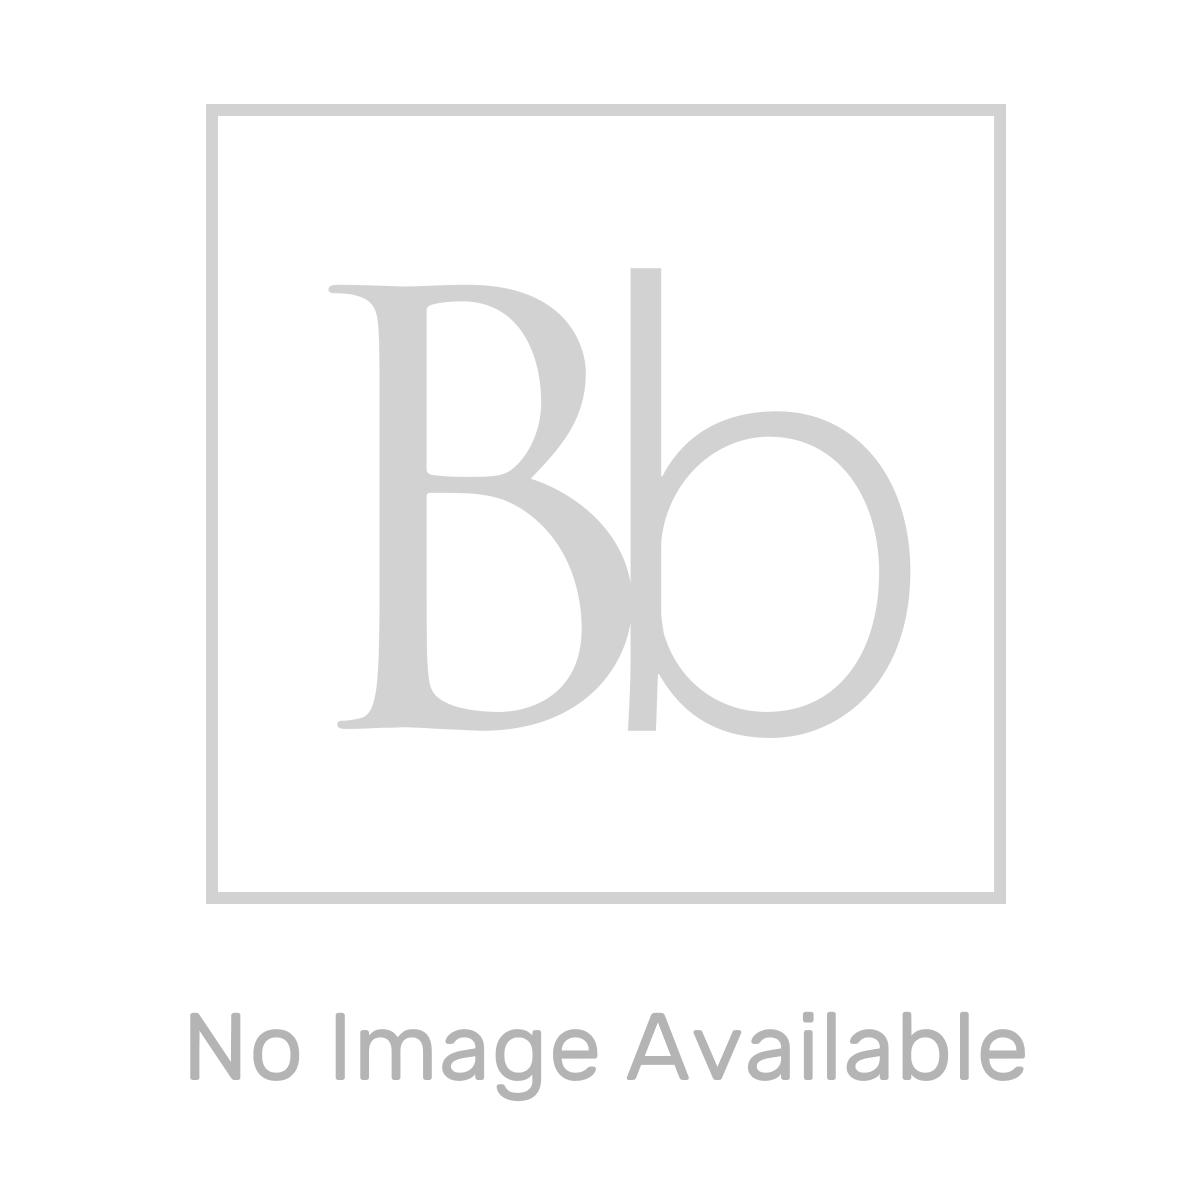 Nuie Athena Gloss Grey 2 Door Floor Standing Unit  600mm with Mid Edge Basin